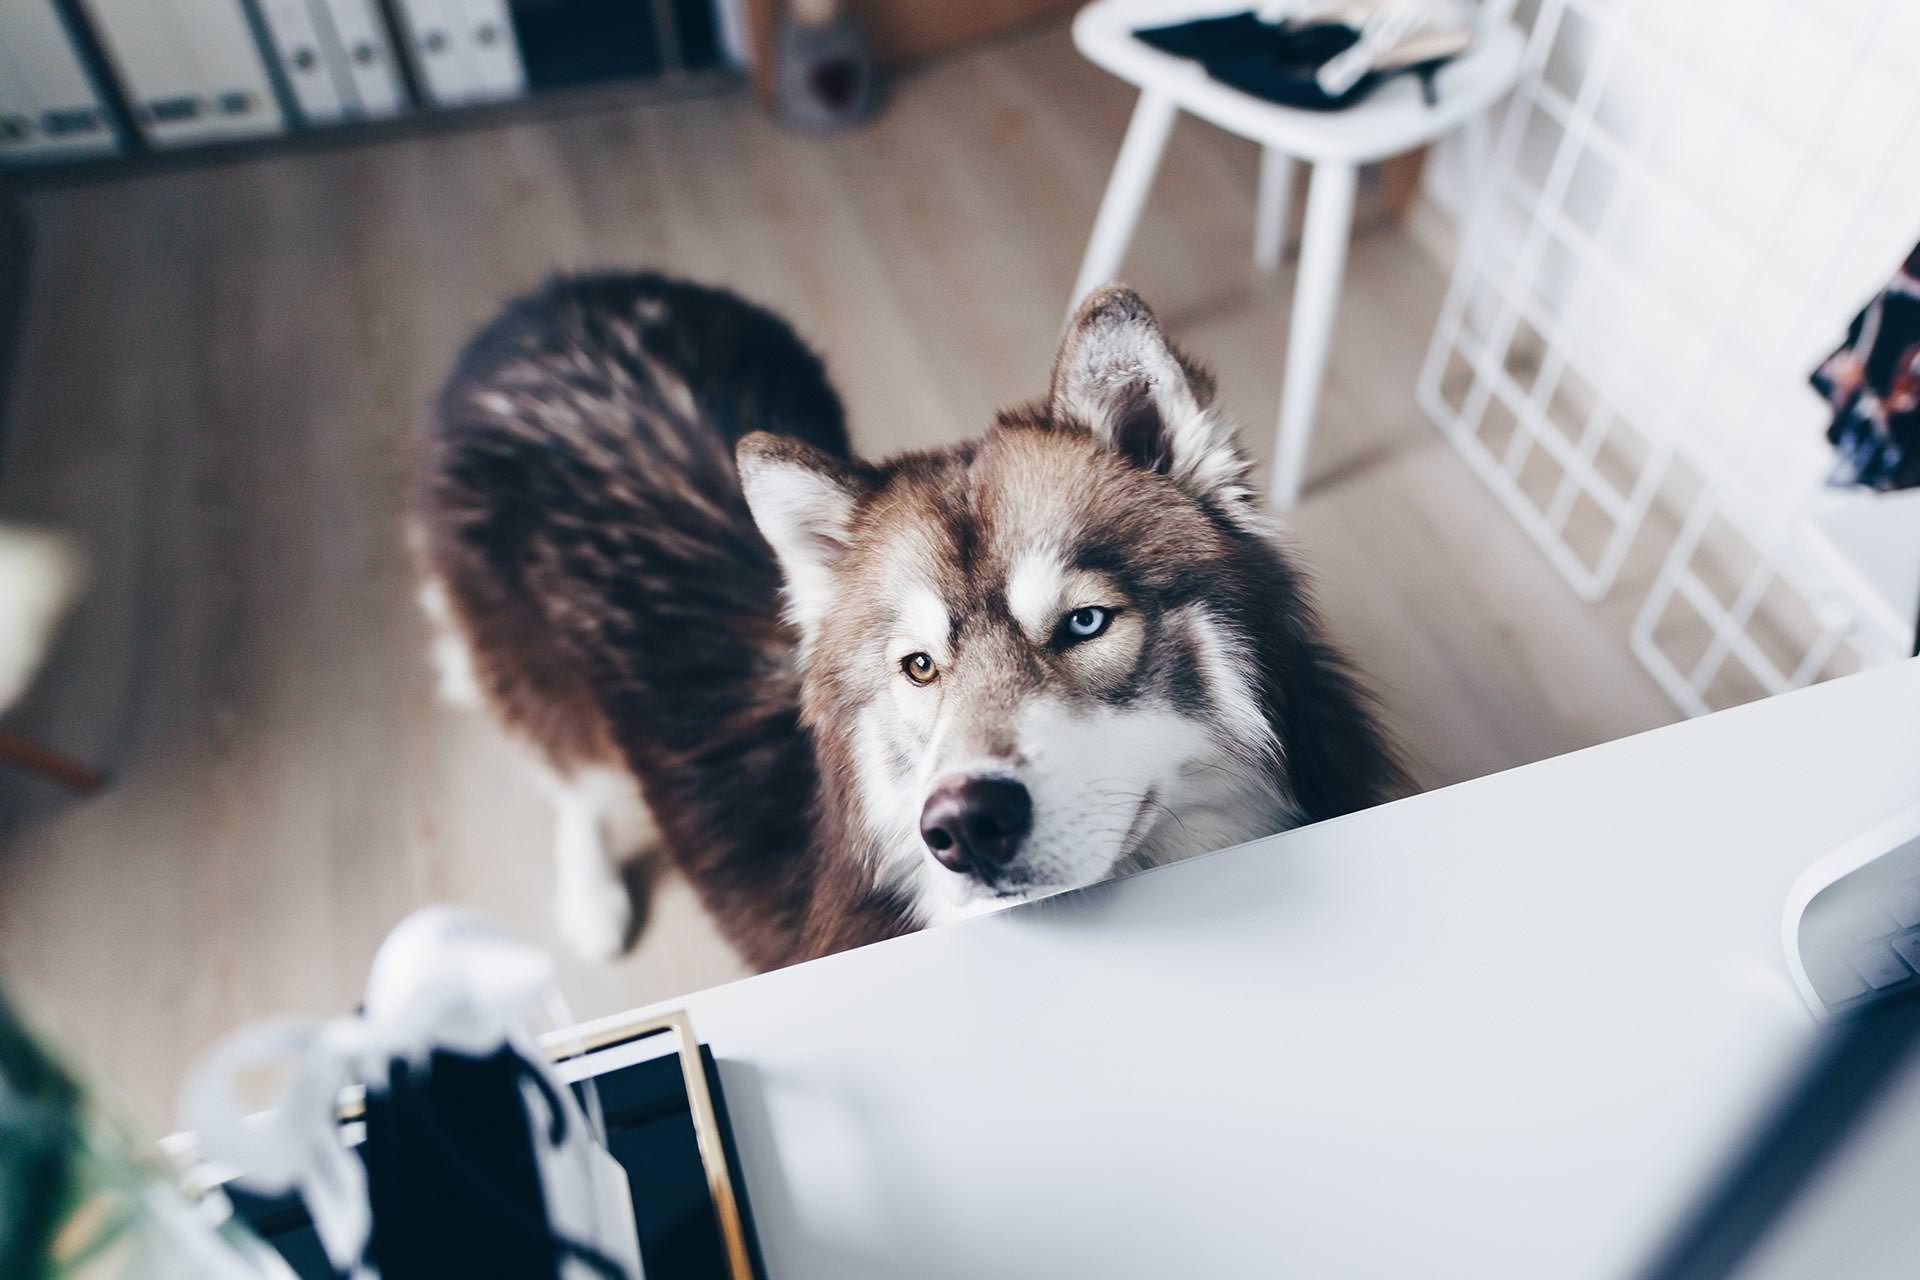 Arbeitsplatz Zuhause Einrichten 5 Ideen Fur Mehr Stil Im Blogger Home Office Cute Funny Dogs Dogs Puppies